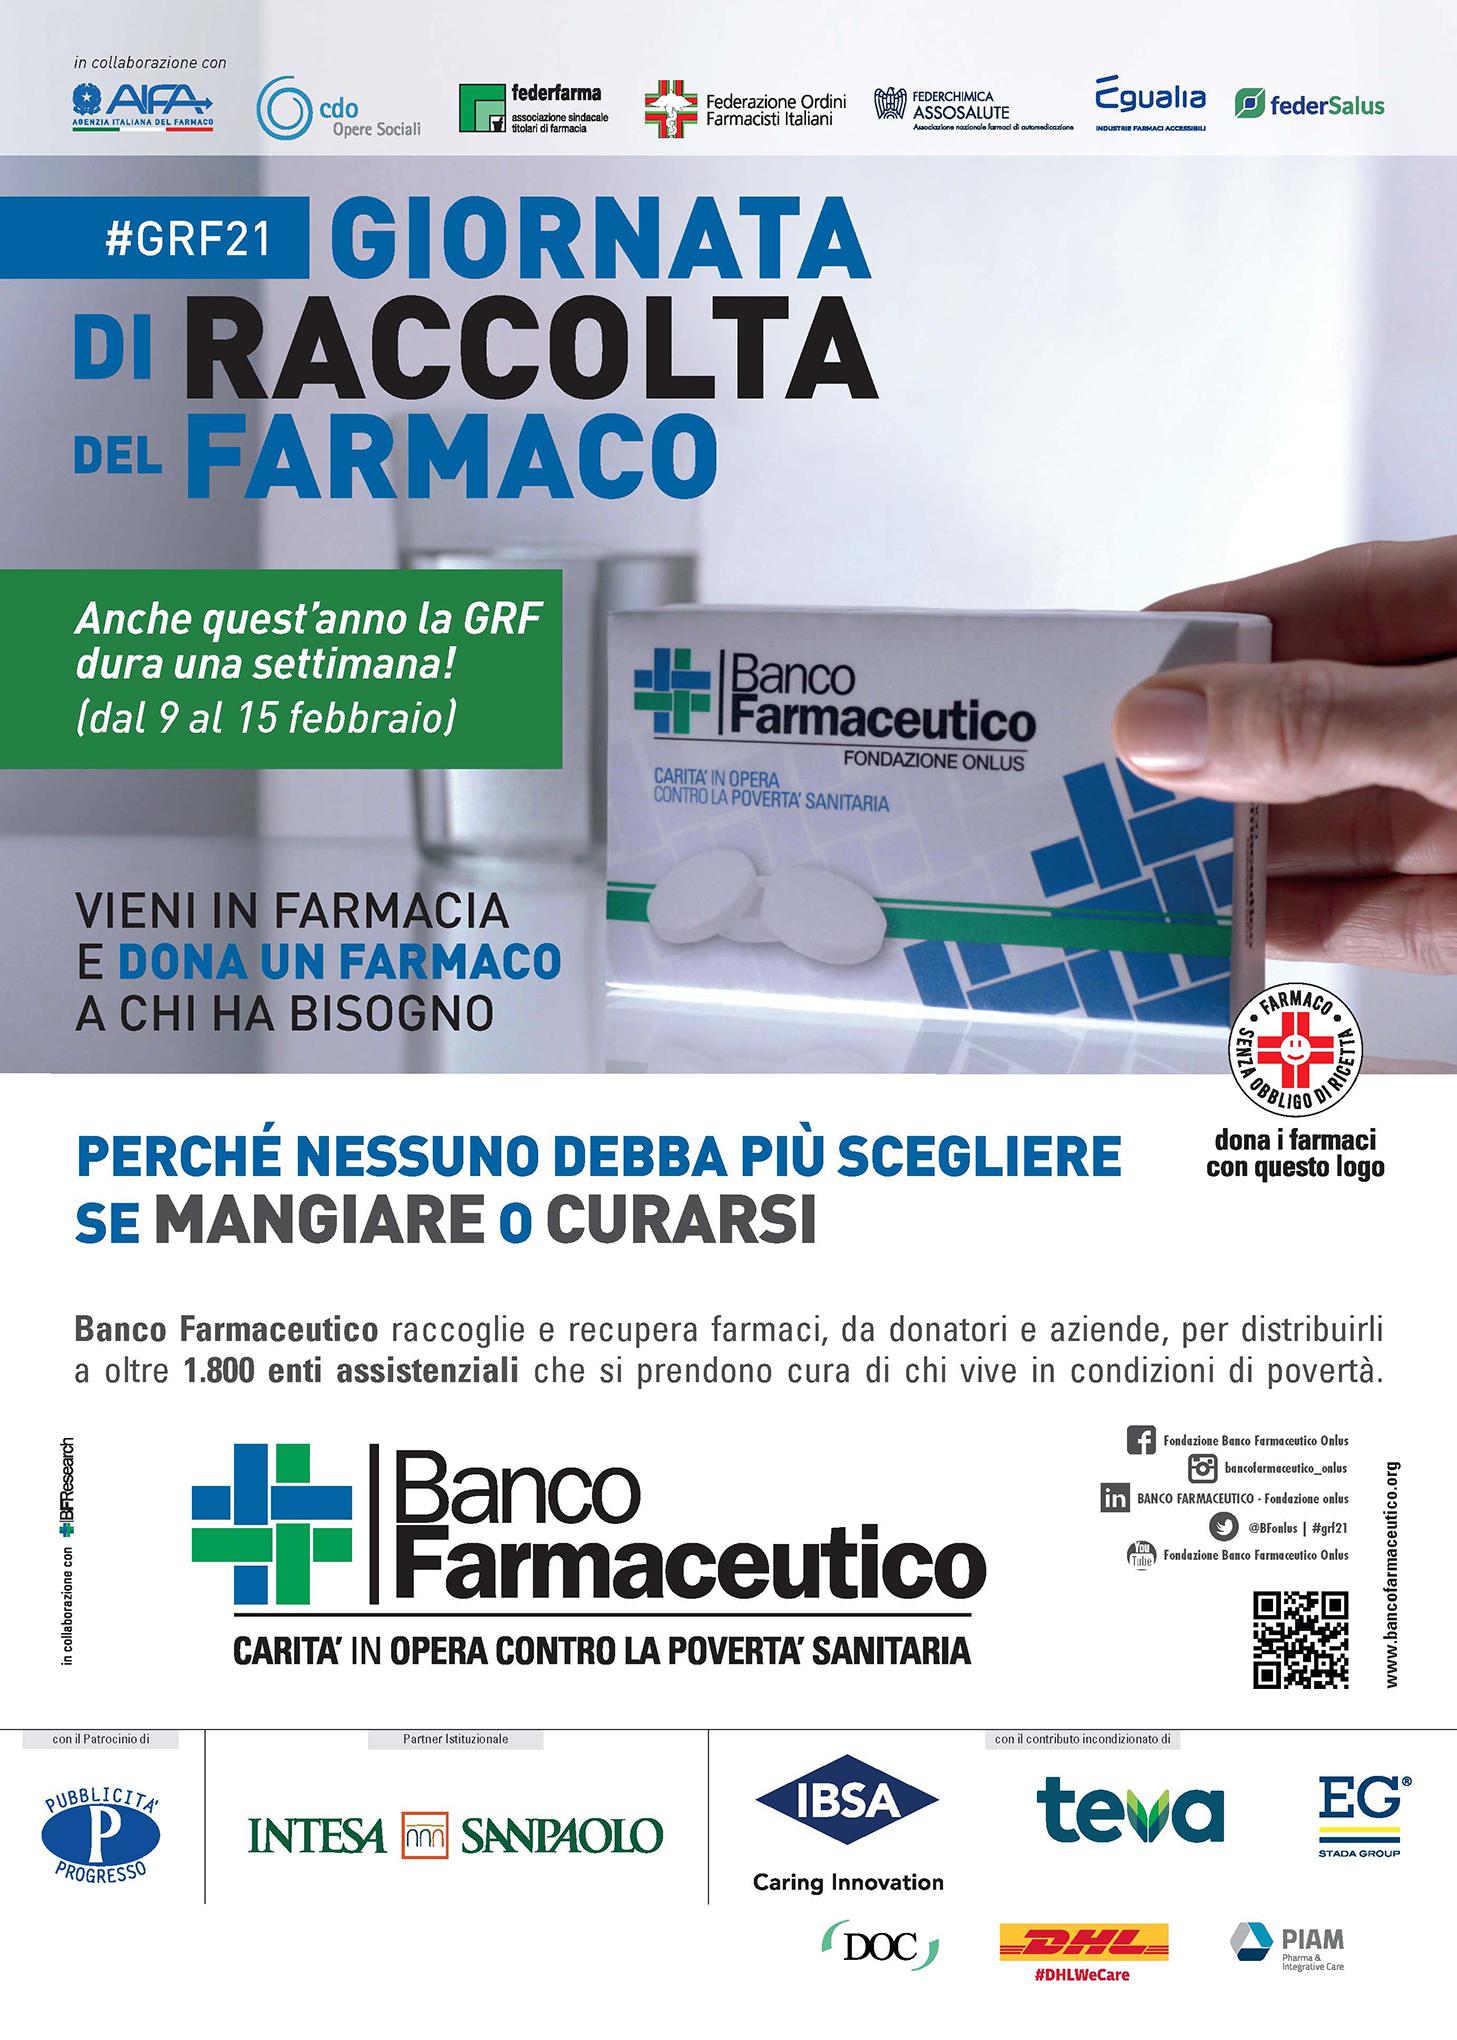 Locandina-Giornata-di-Raccolta-del-Farmaco-2021-Banco-Farmaceutico